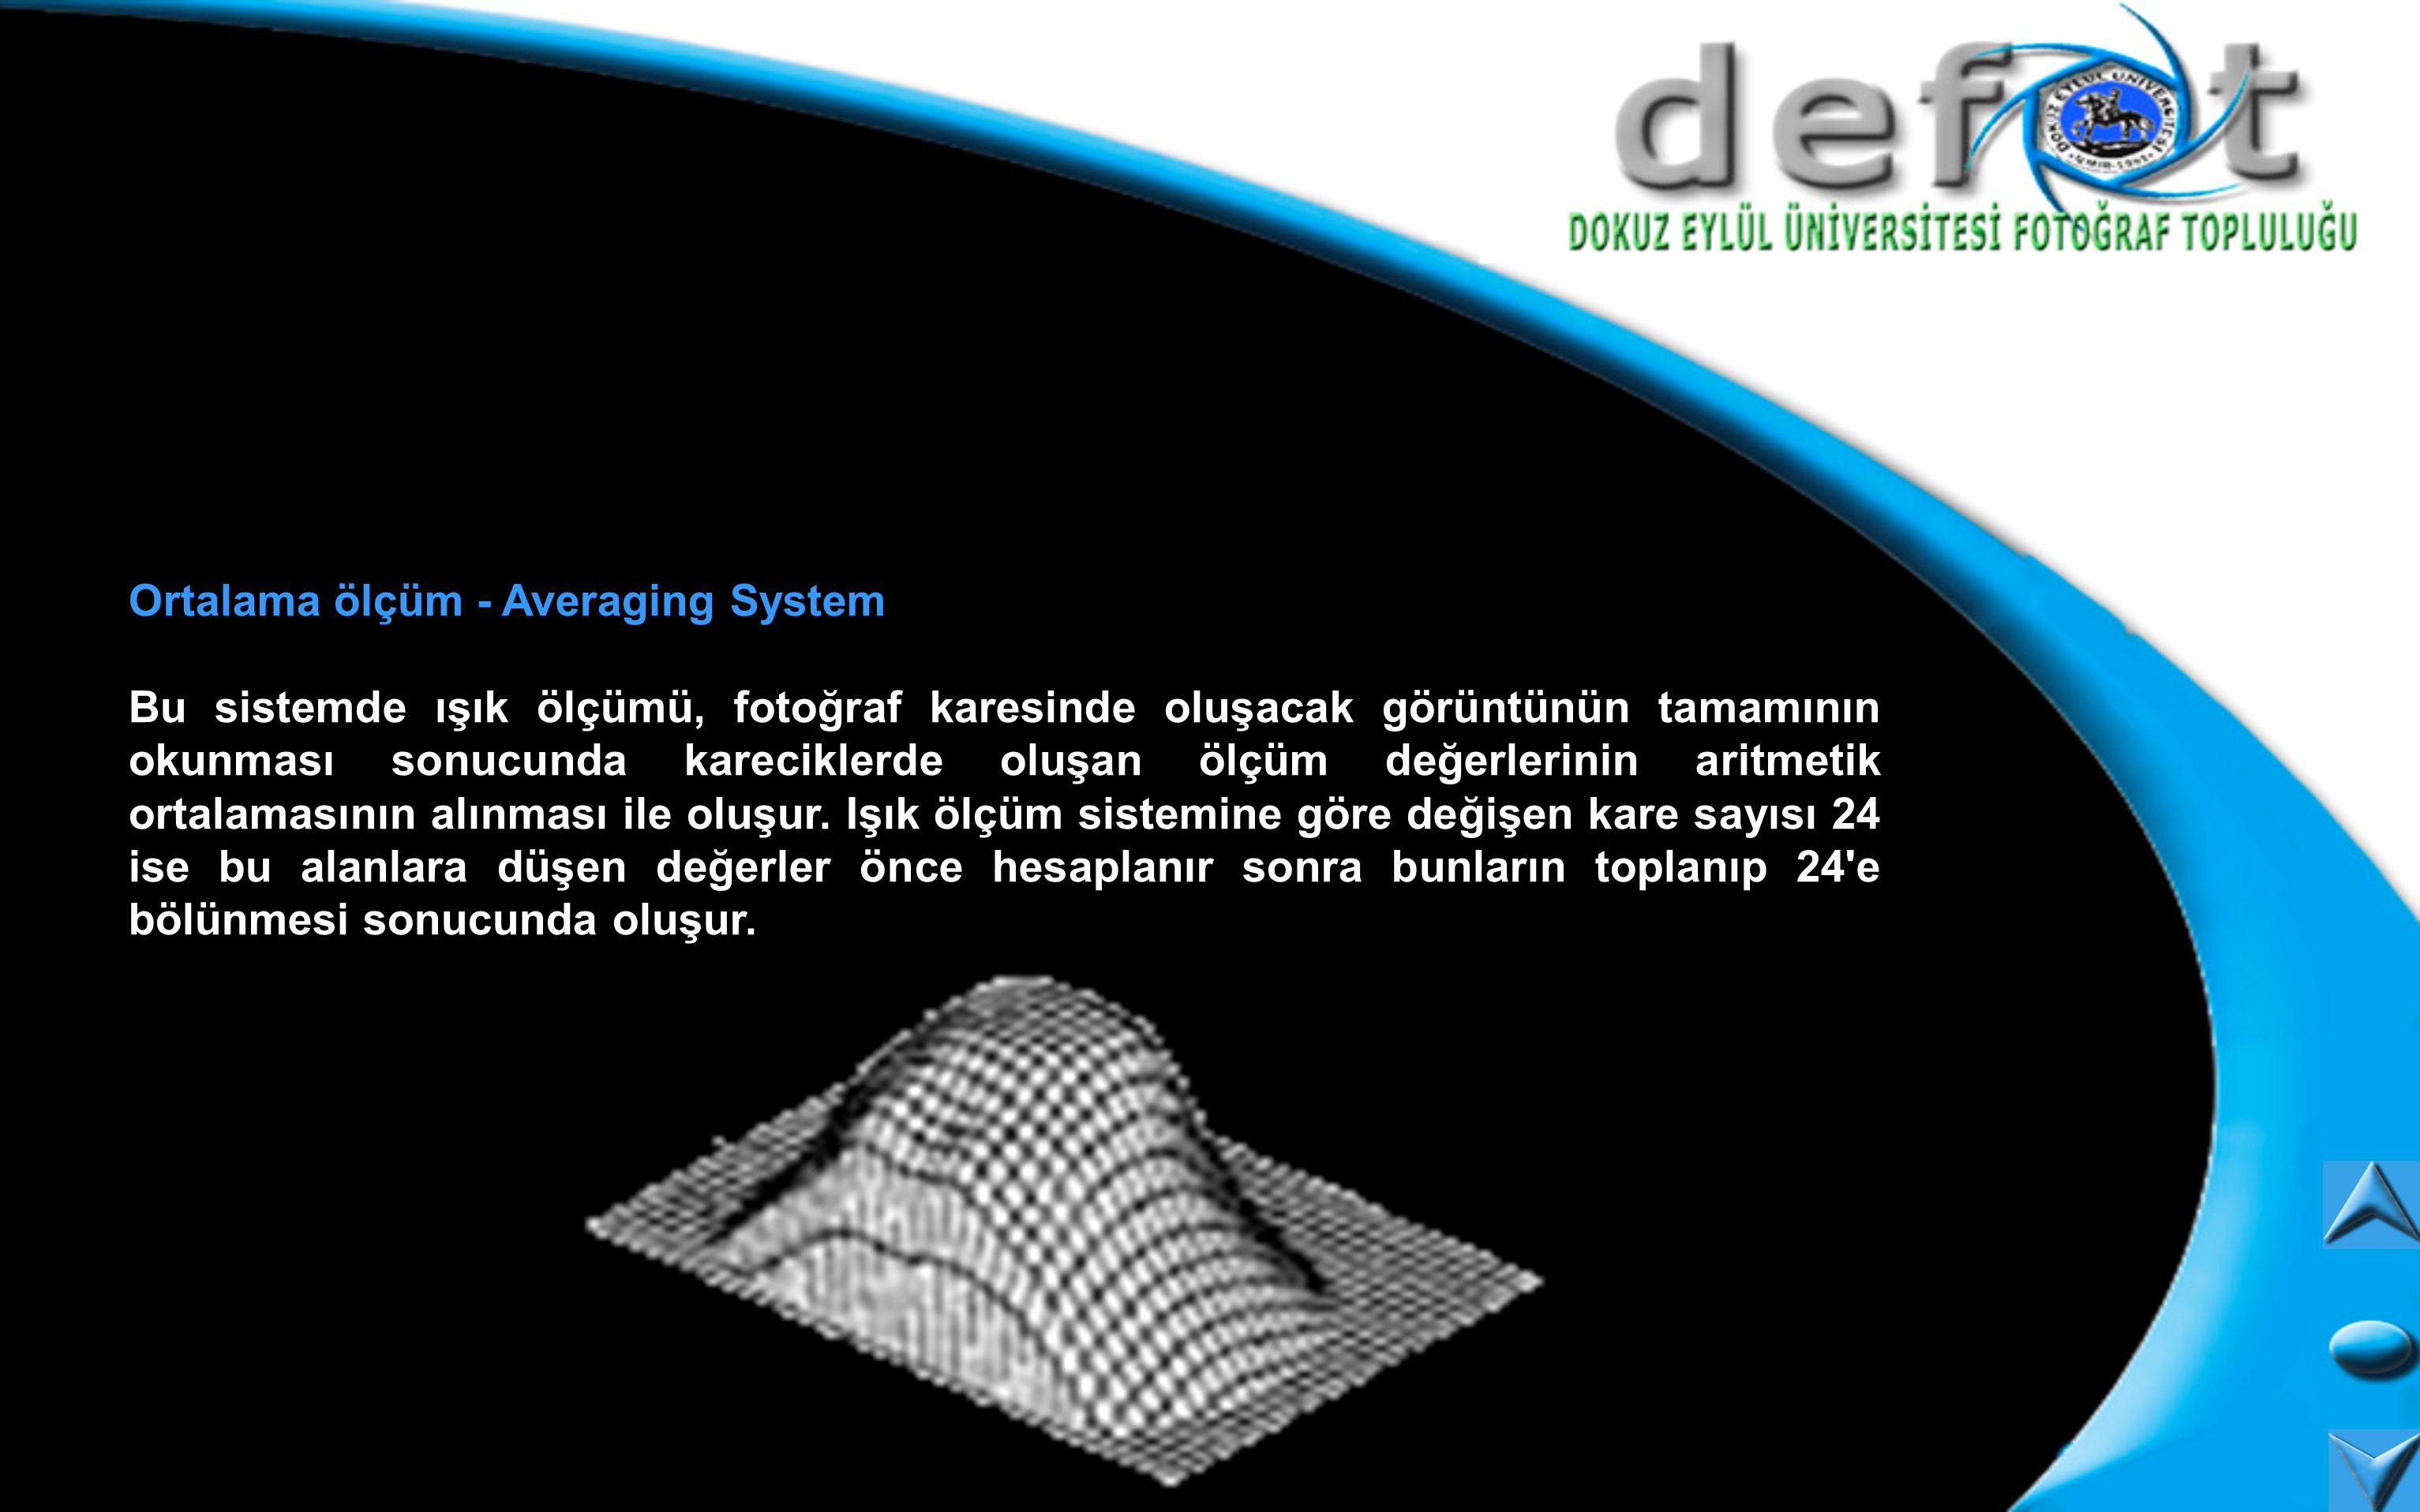 Ortalama ölçüm - Averaging System Bu sistemde ışık ölçümü, fotoğraf karesinde oluşacak görüntünün tamamının okunması sonucunda kareciklerde oluşan ölç